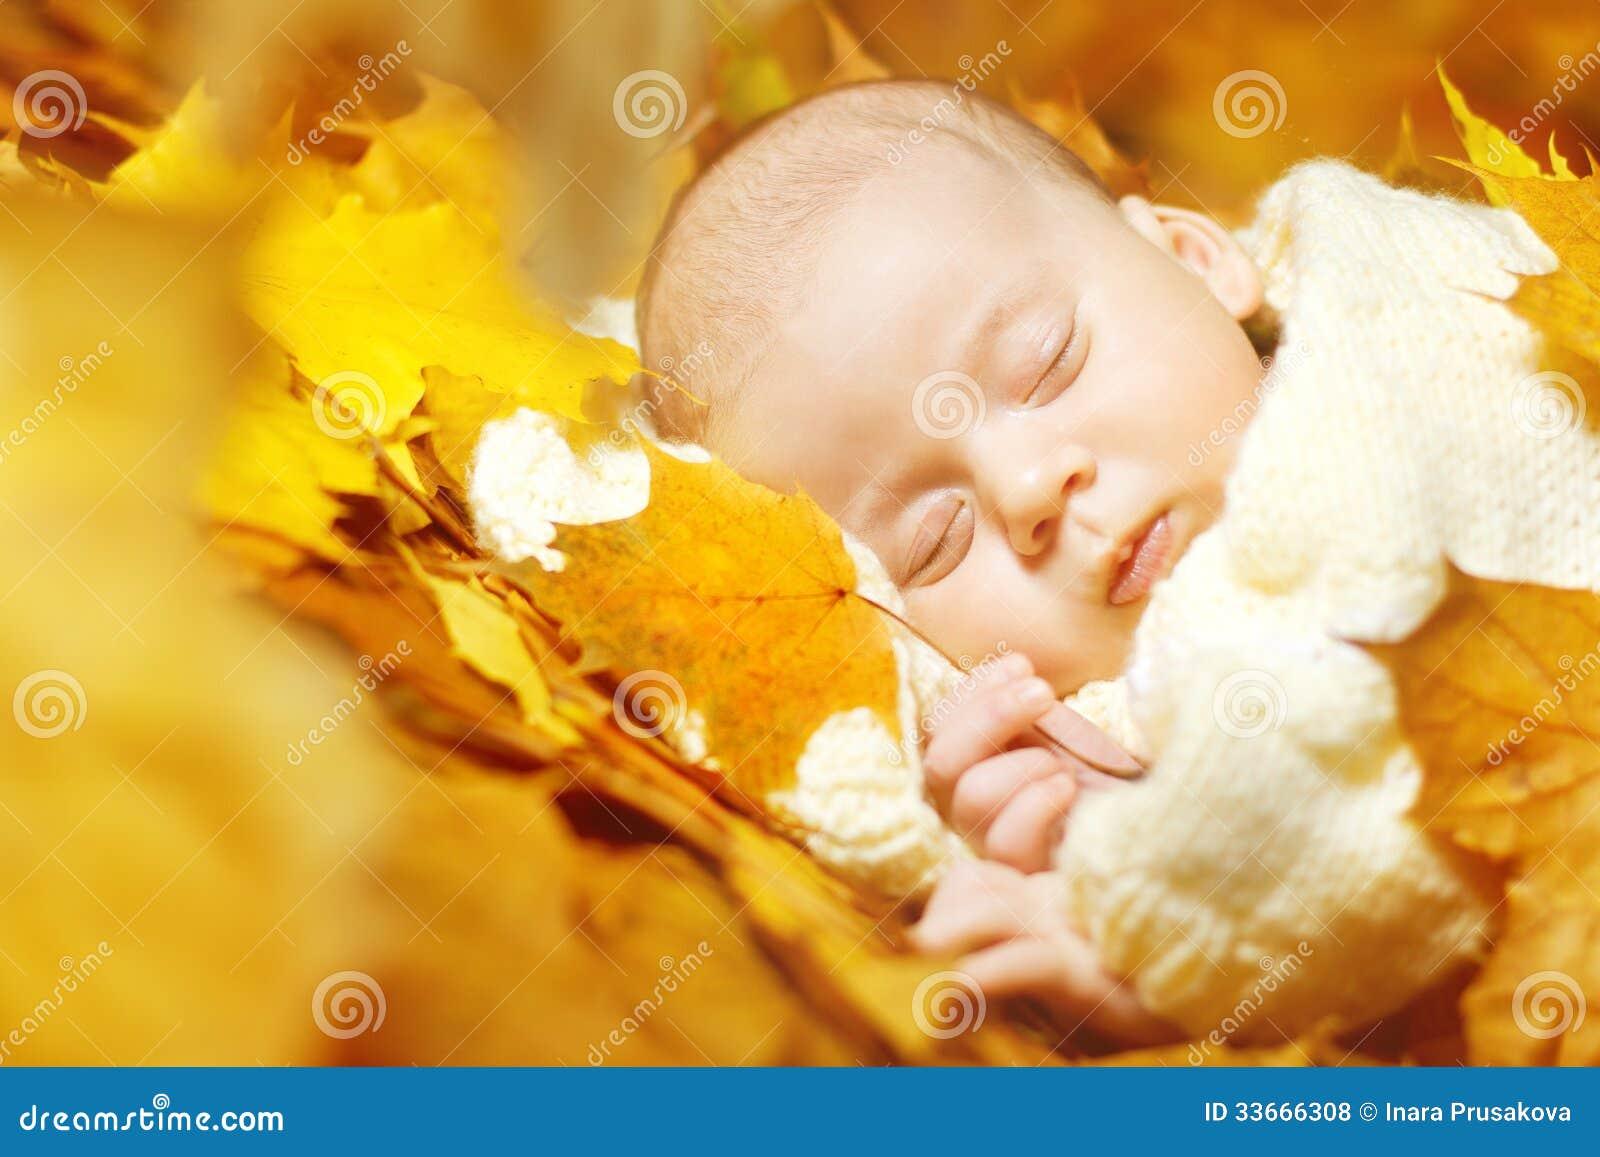 Bebé recién nacido del otoño que duerme en hojas amarillas